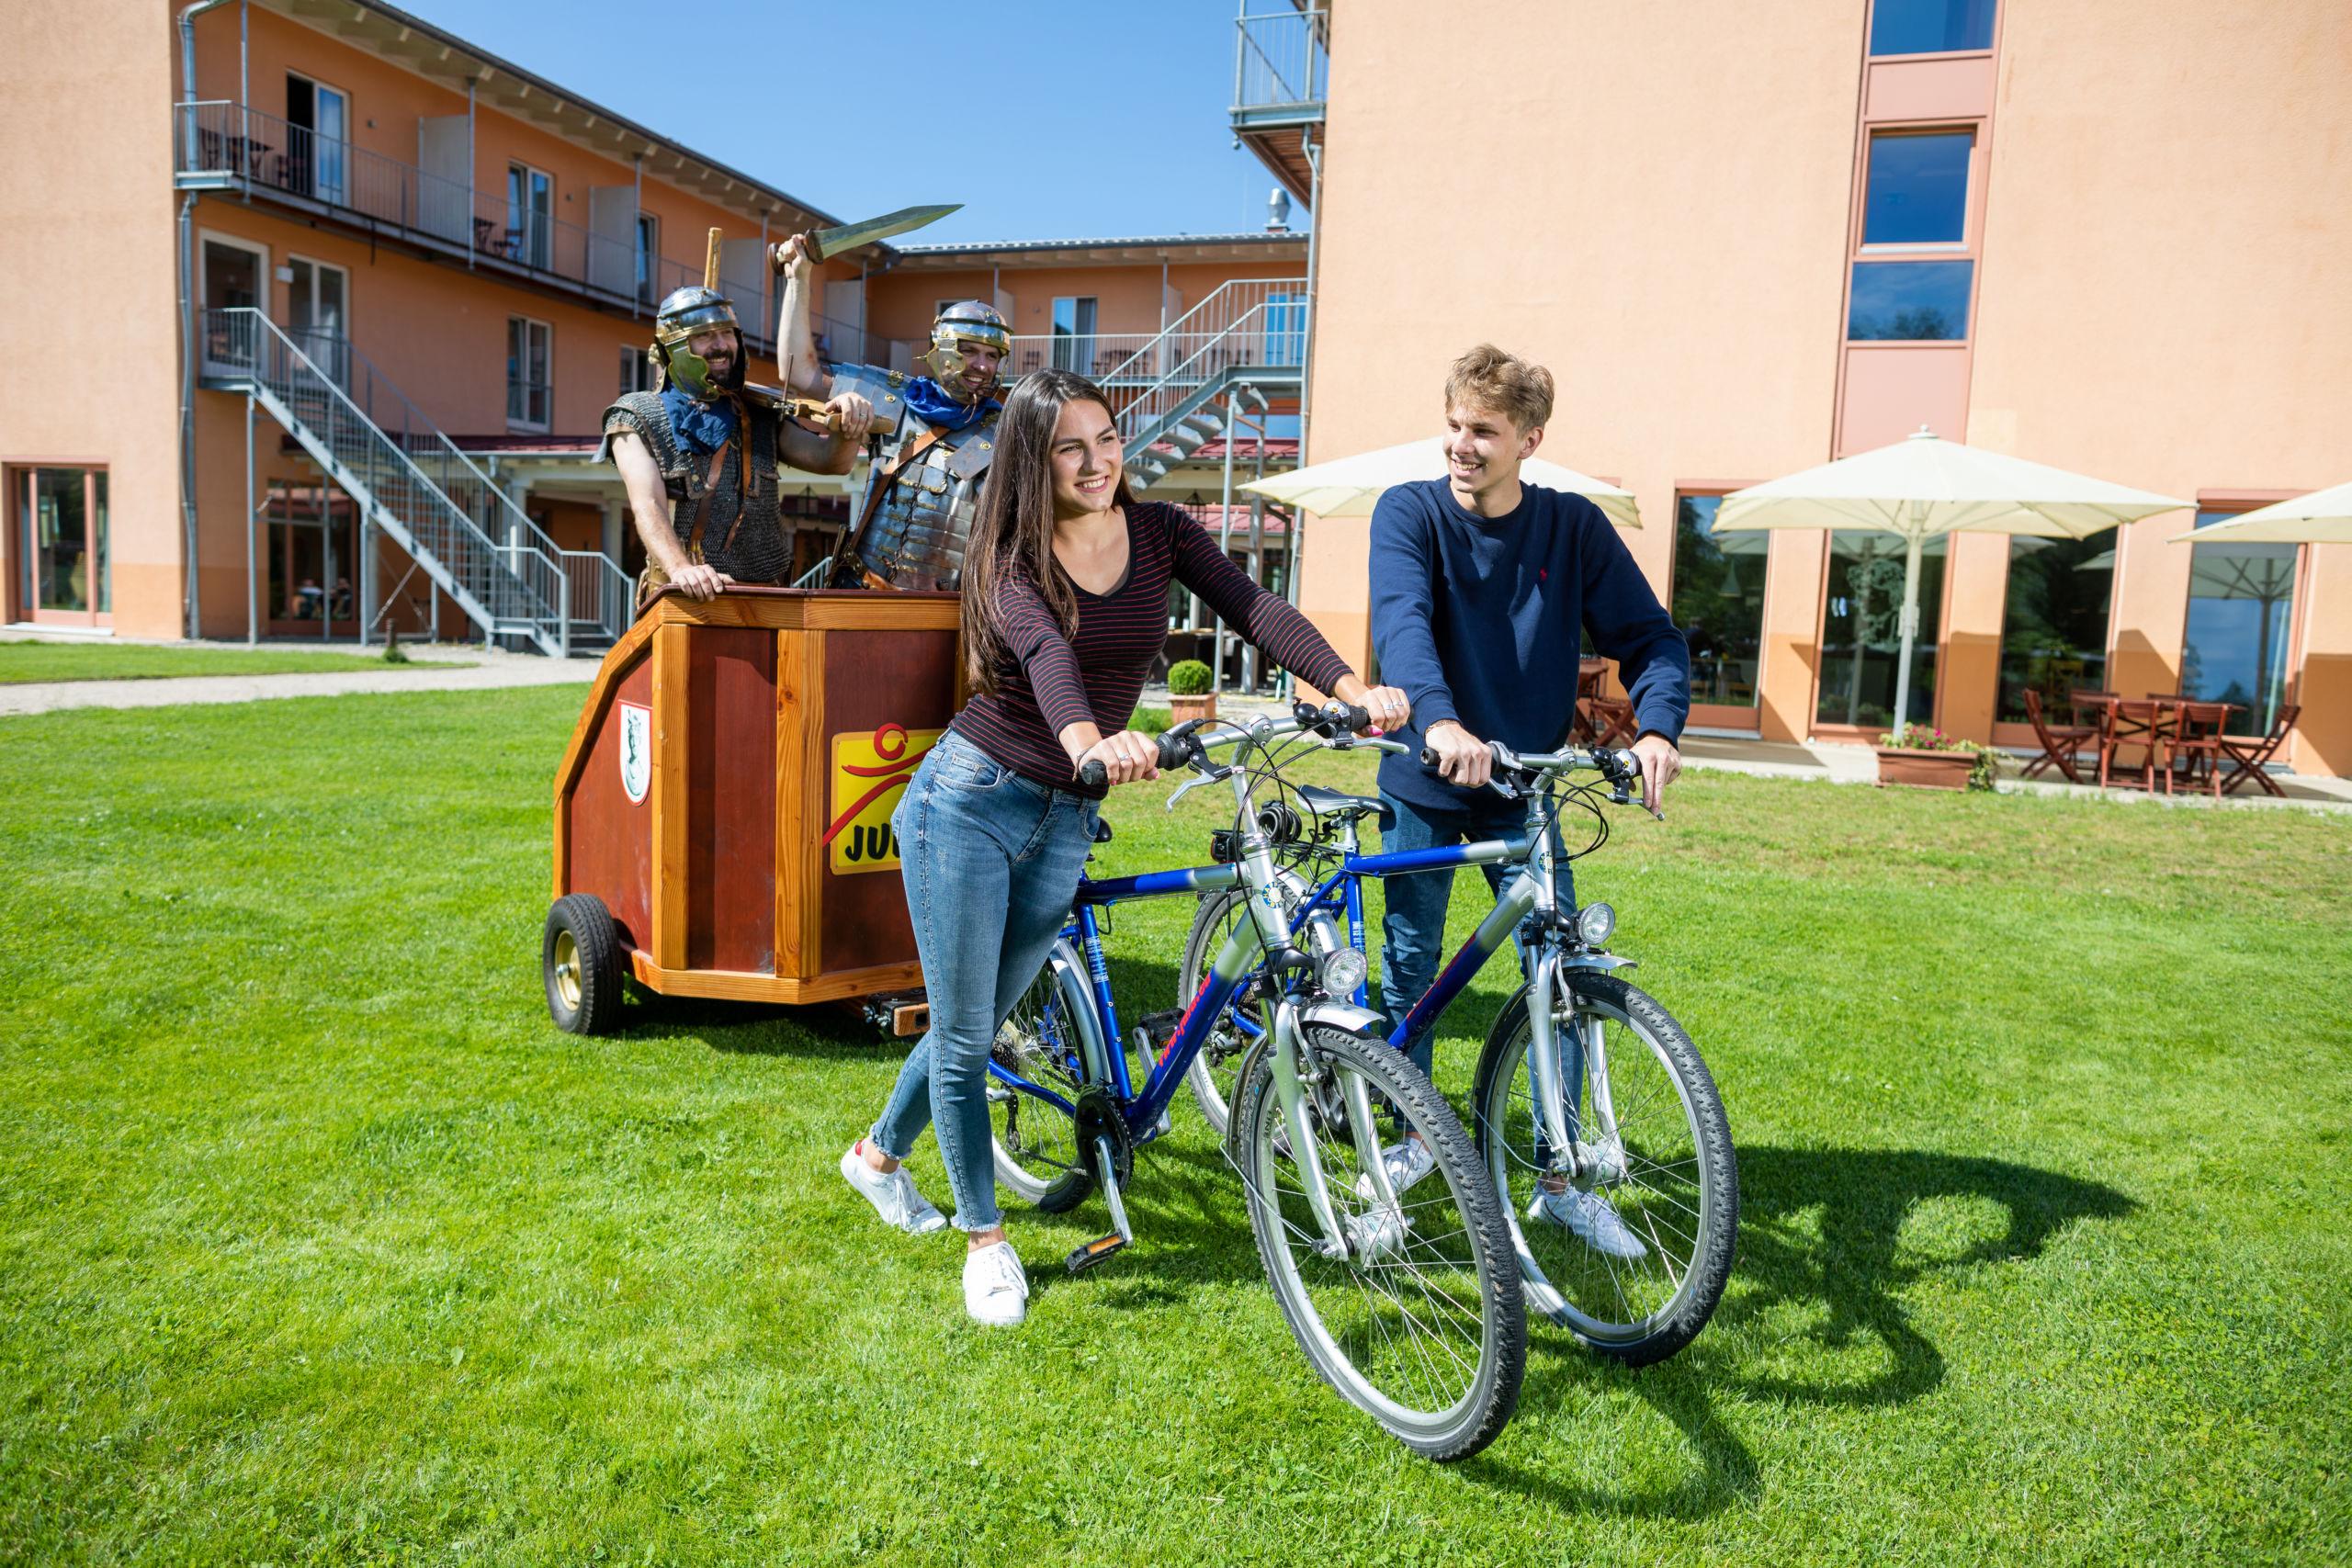 Sie sehen ein Paar mit Fahrrädern und Streitwaagen im JUFA Kempten. Der Ort für kinderfreundlichen und erlebnisreichen Urlaub für die ganze Familie.